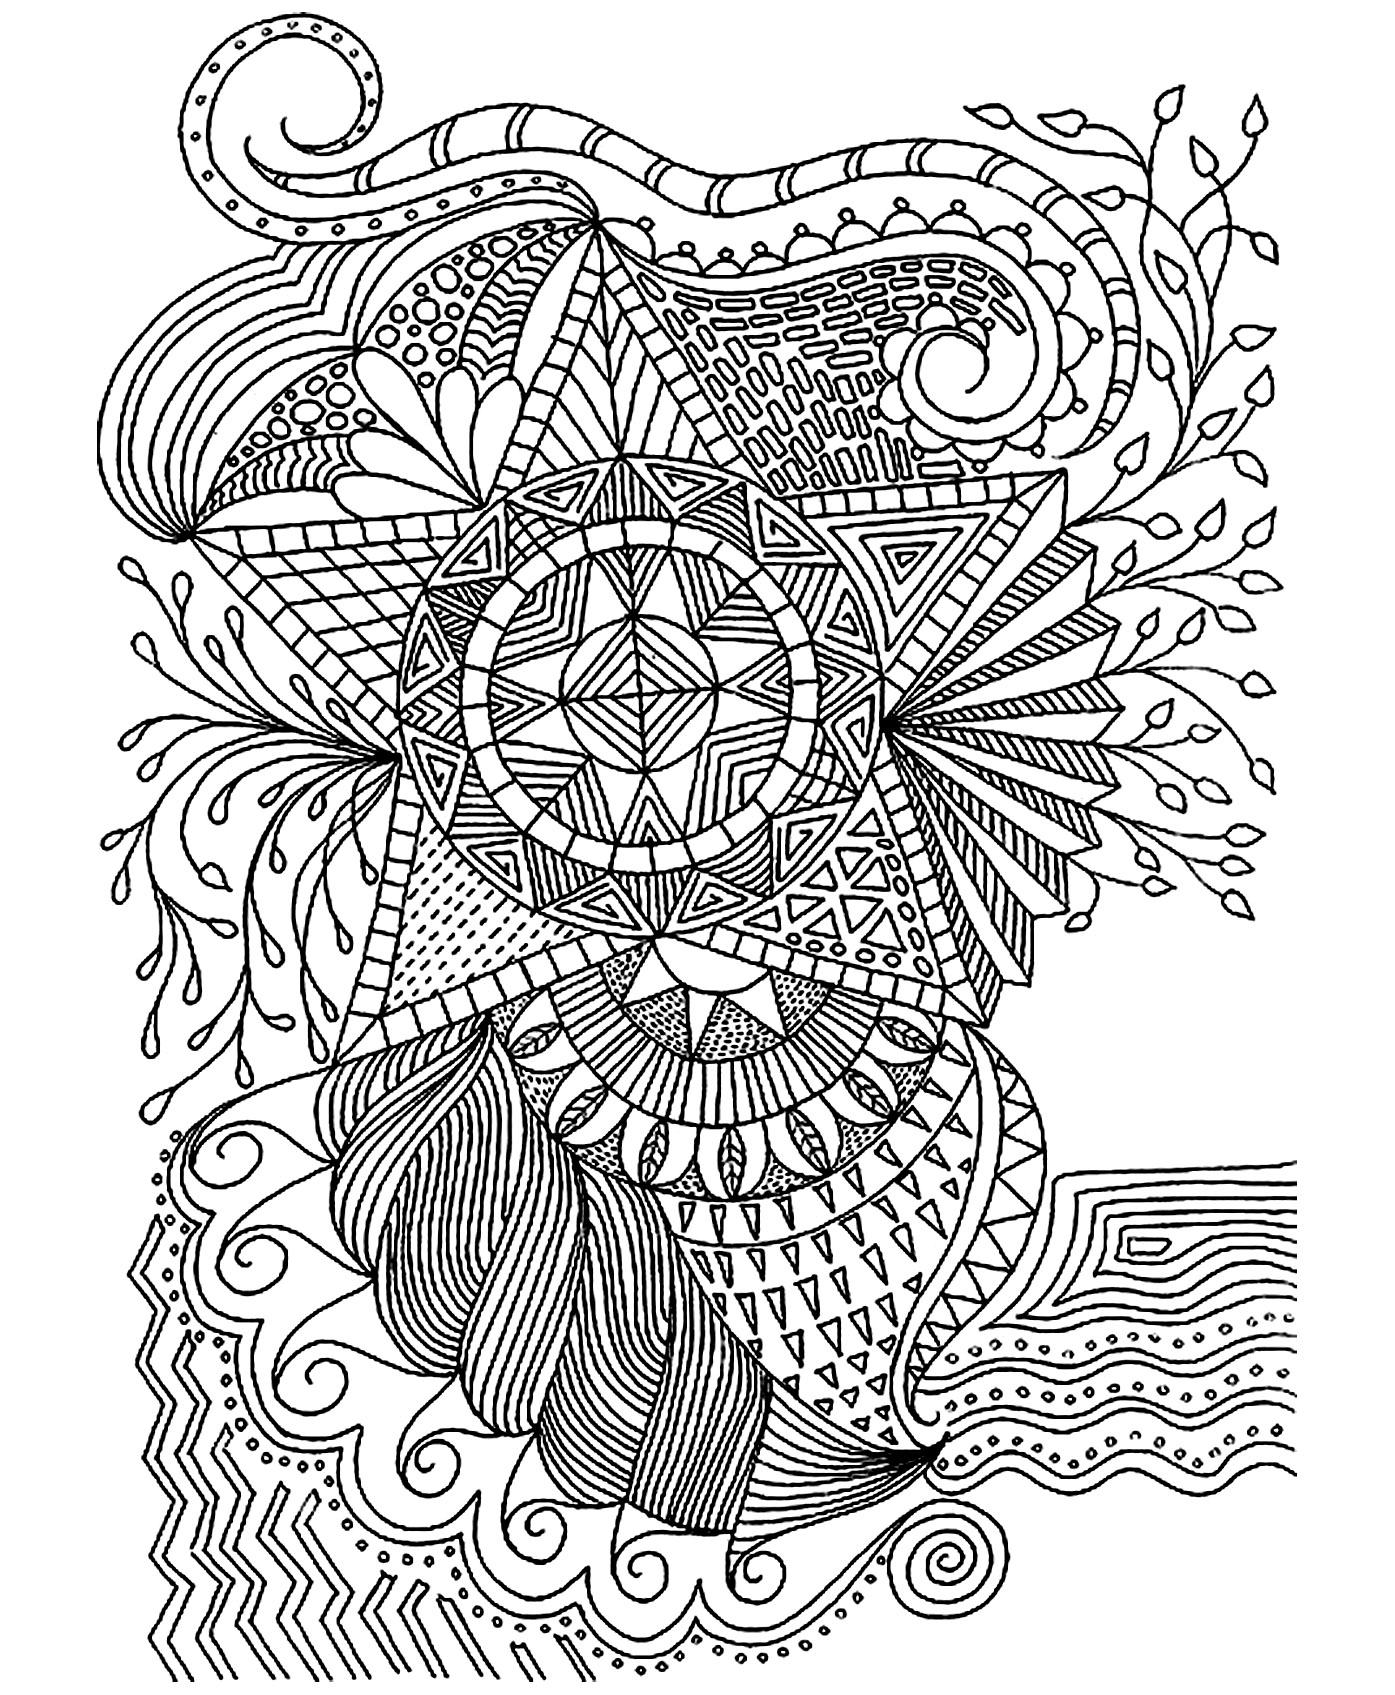 vintage christmas coloring pages - fleurs etoile fleurs et v g tation coloriages